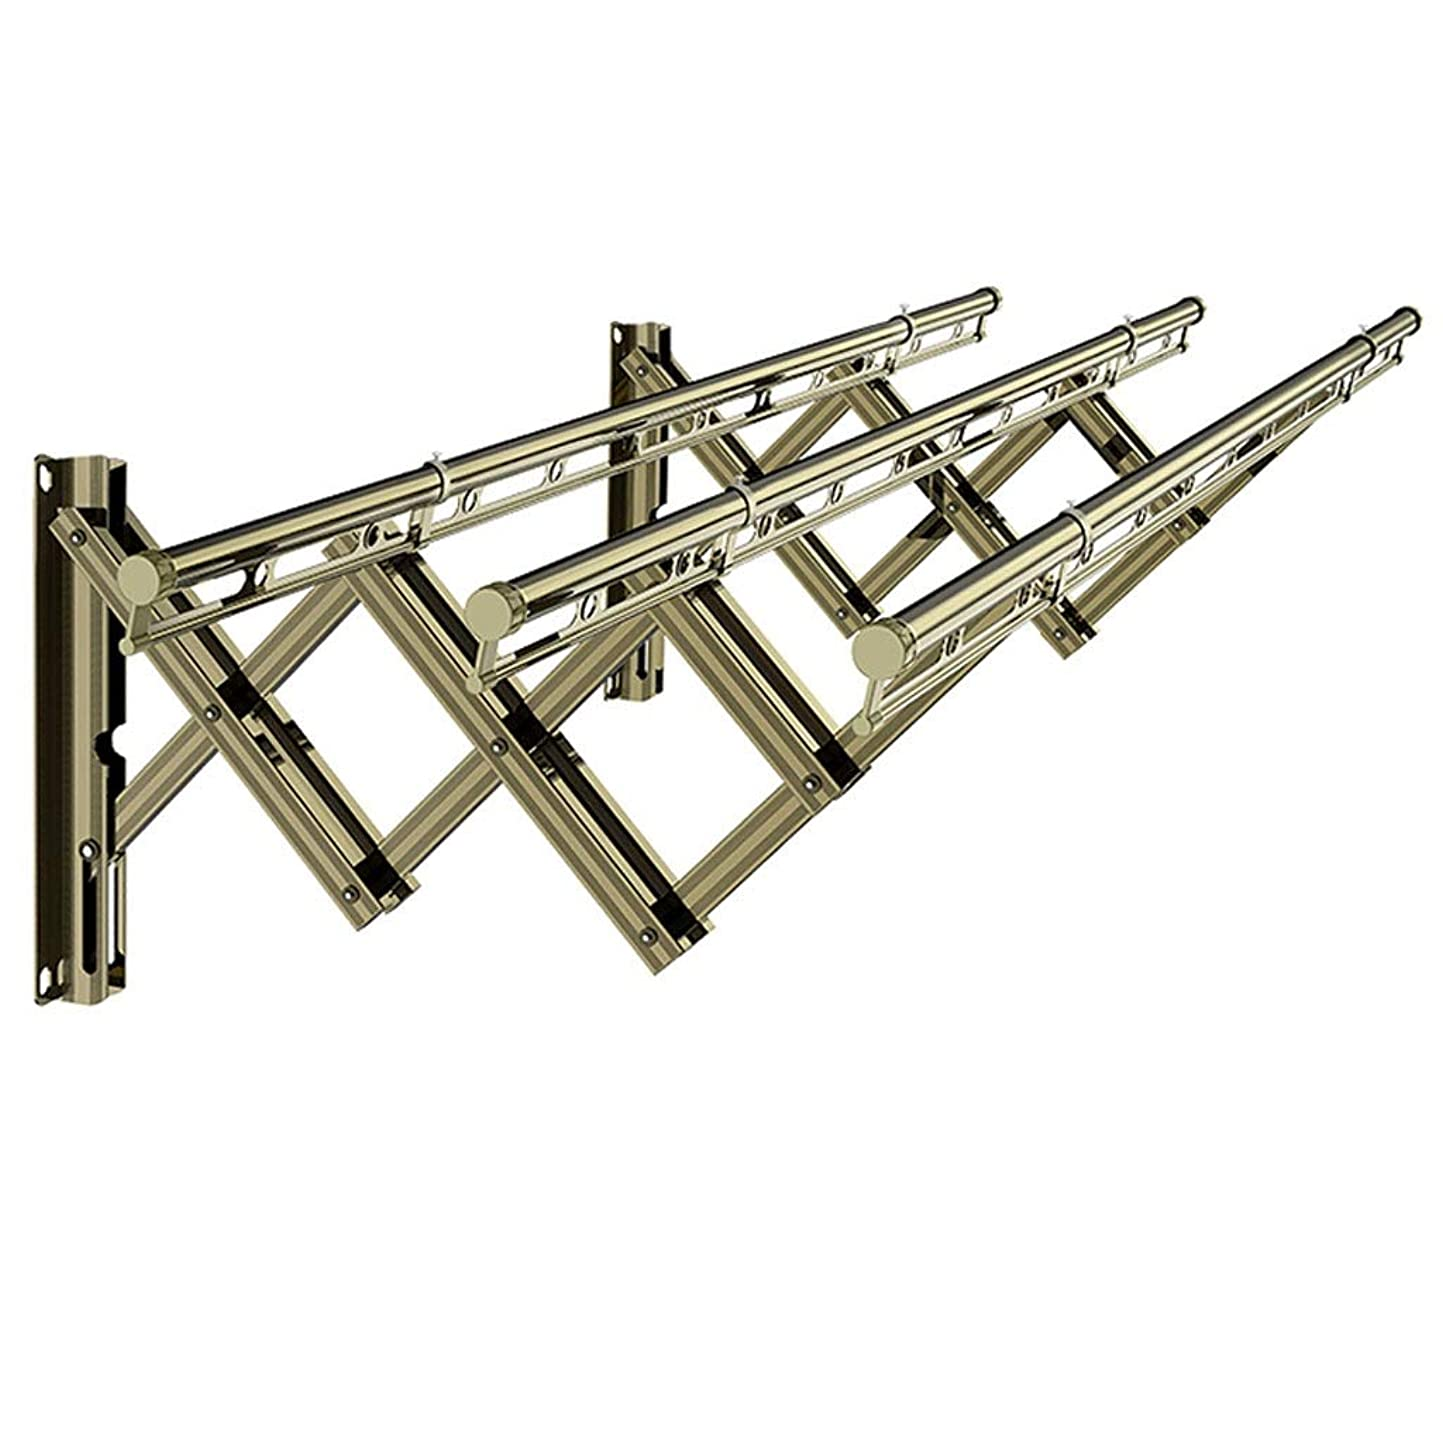 肥満署名専門知識SN 乾燥ラックエアラーウォールマウント、3レール拡張可能衣類エアラータオルラックバルコニー屋外コートハンガーラックドライヤーステンレス鋼